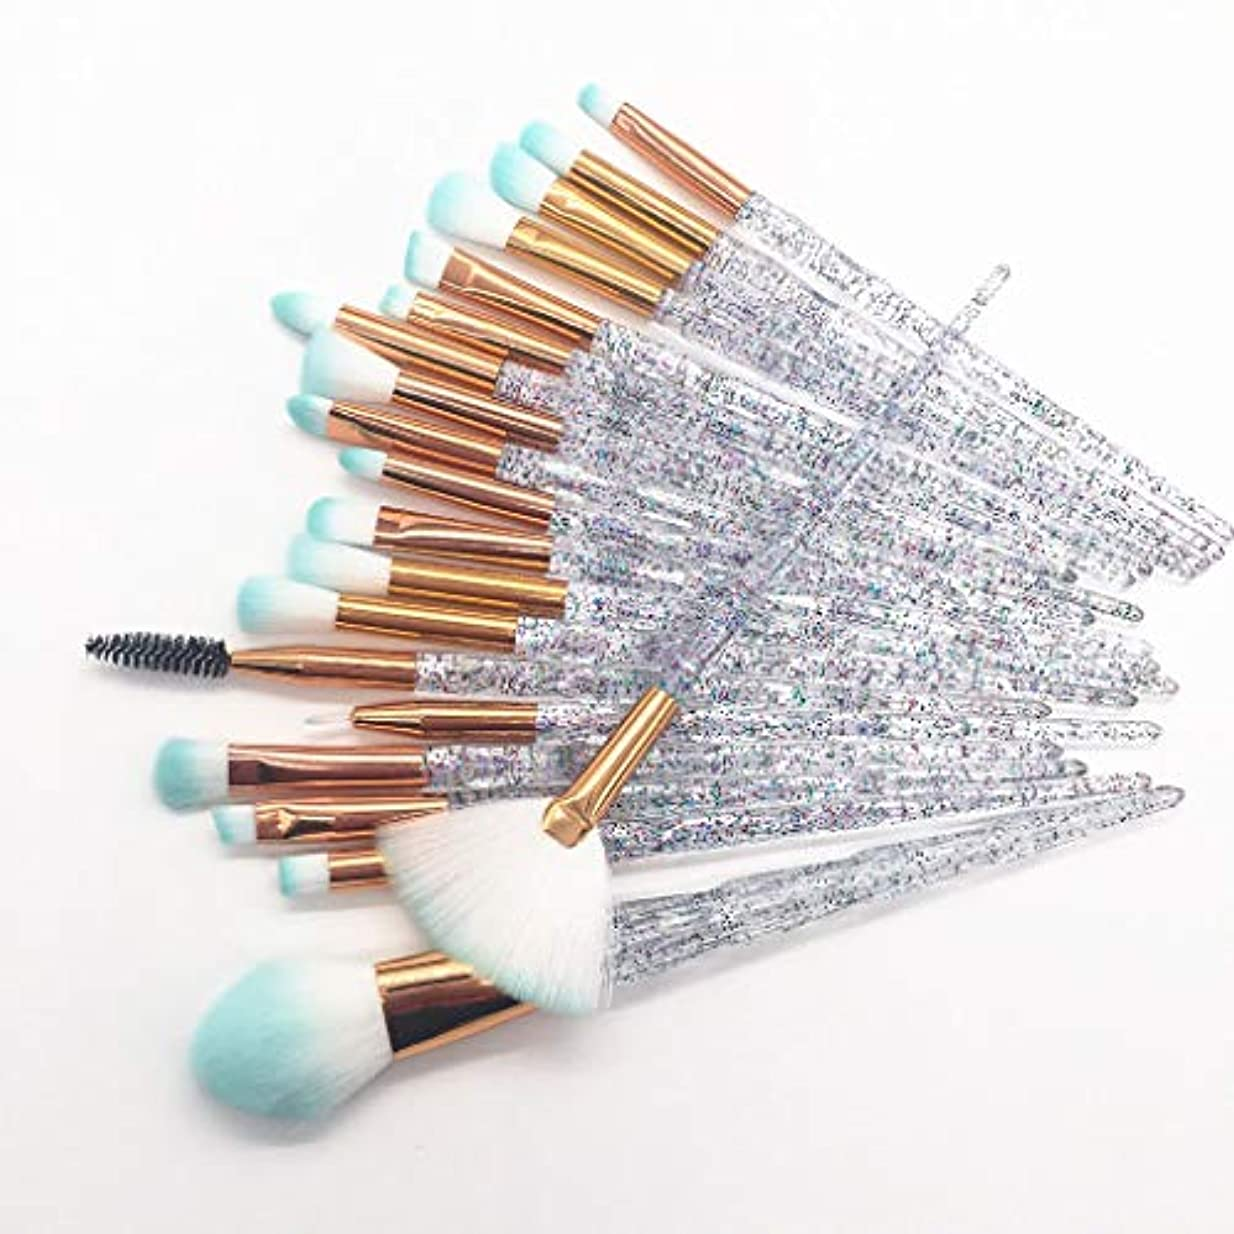 余分な劇的不利益20化粧筆ビギナービューティーキット